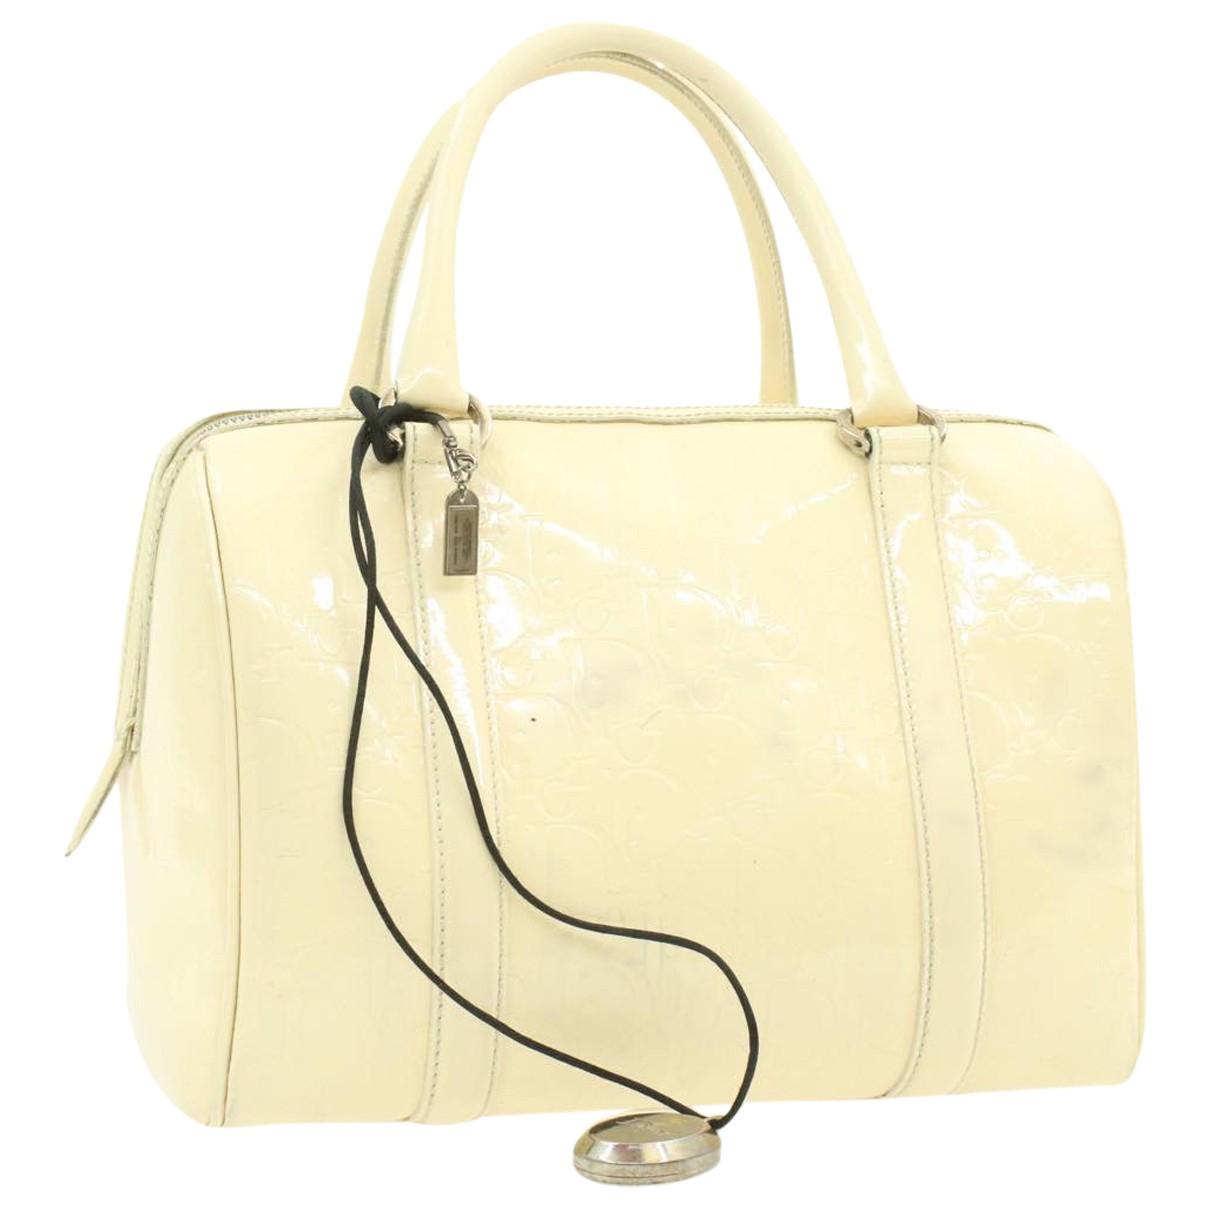 Christian Dior \N Handtasche in  Beige Lackleder